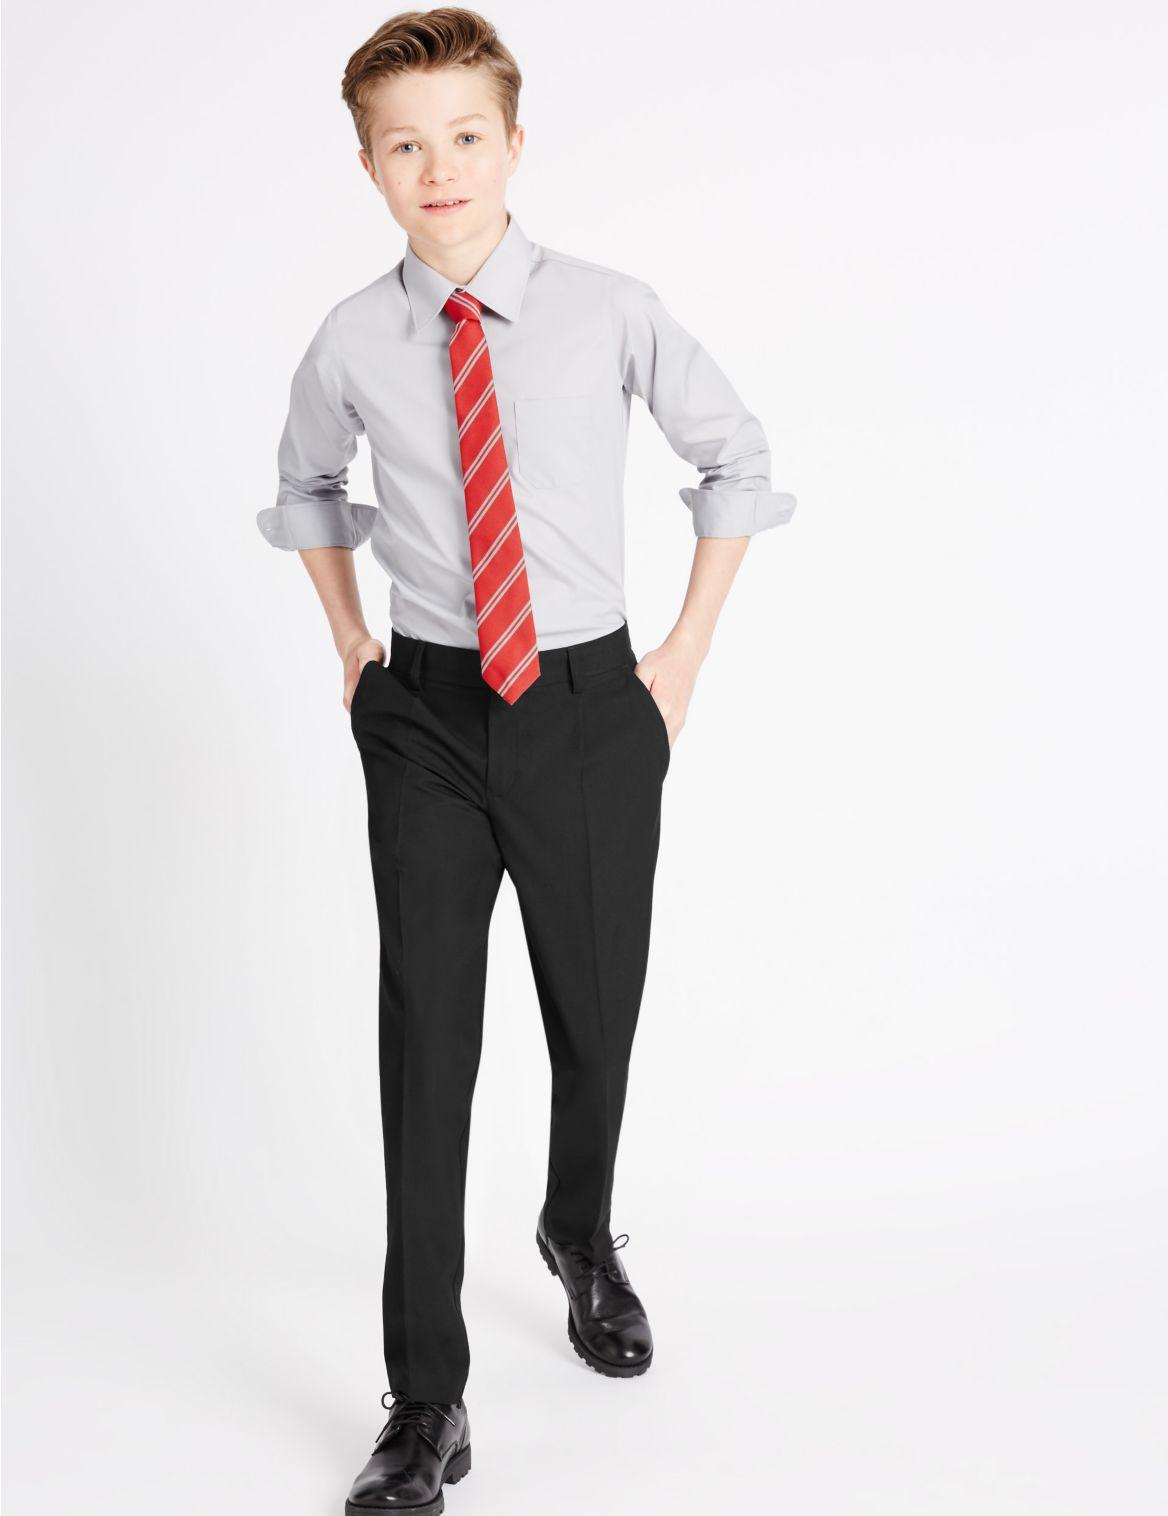 Pantalon jeune homme coupe skinny. StyleForme du produit:Pantalons;Coupe:Coupe standard;Fermeture:Crochet, rabat et fermeture ? glissi?¨re;S